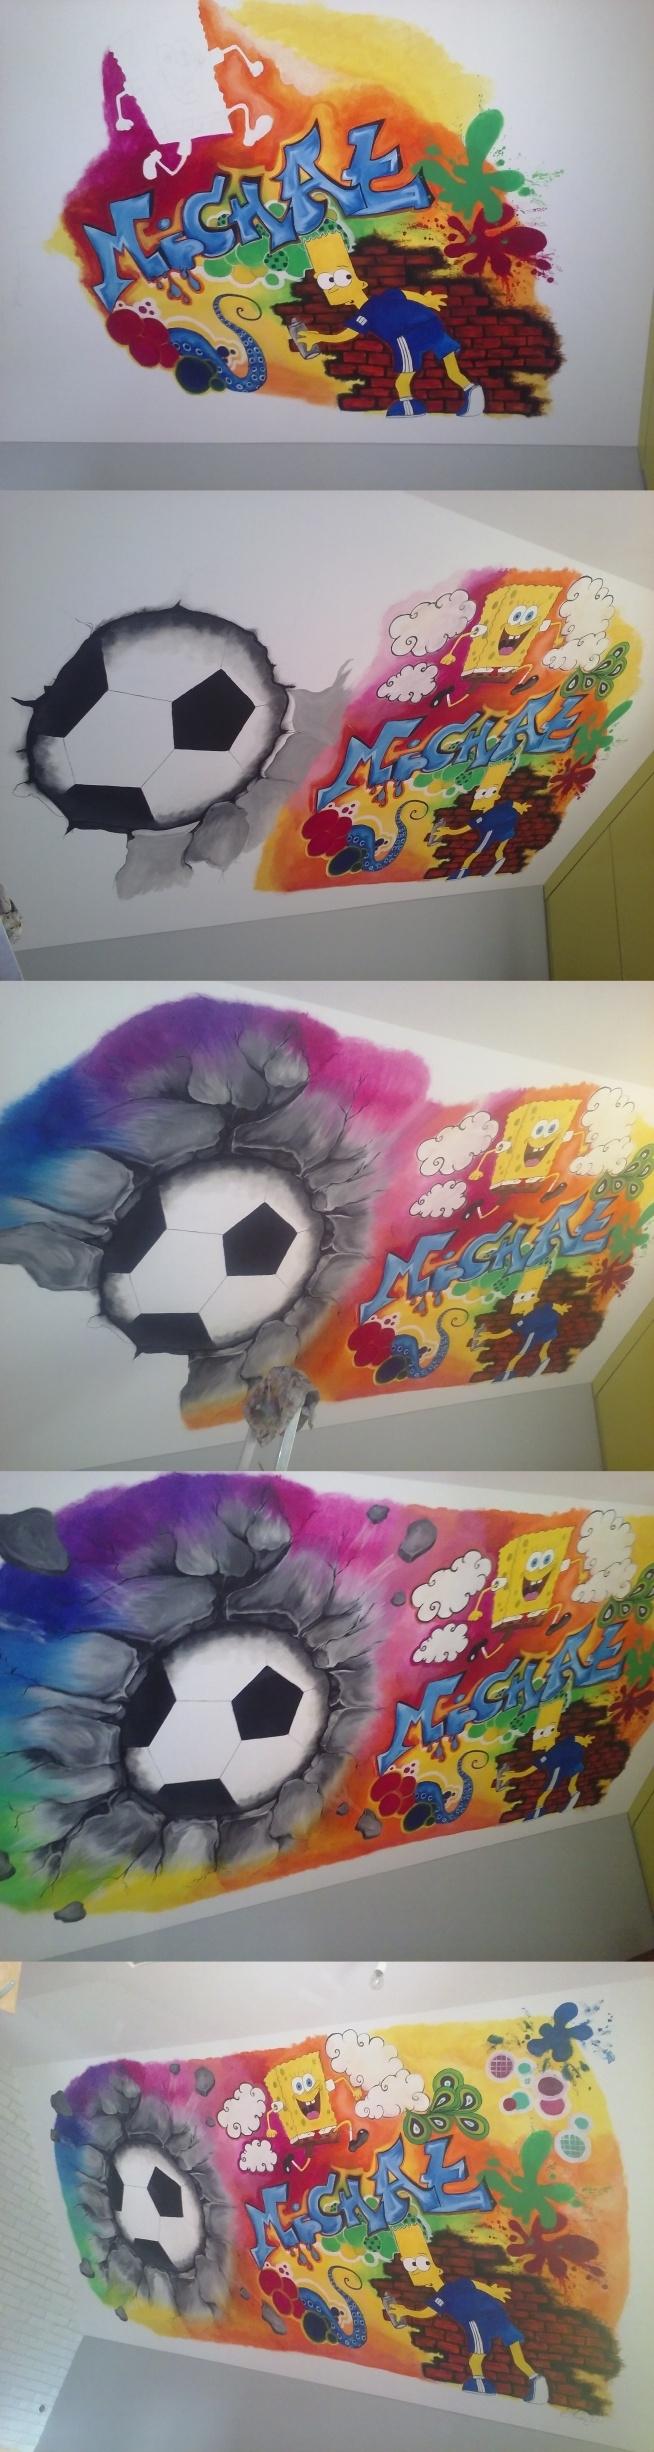 graffiti na ścianie mojego autorstwa